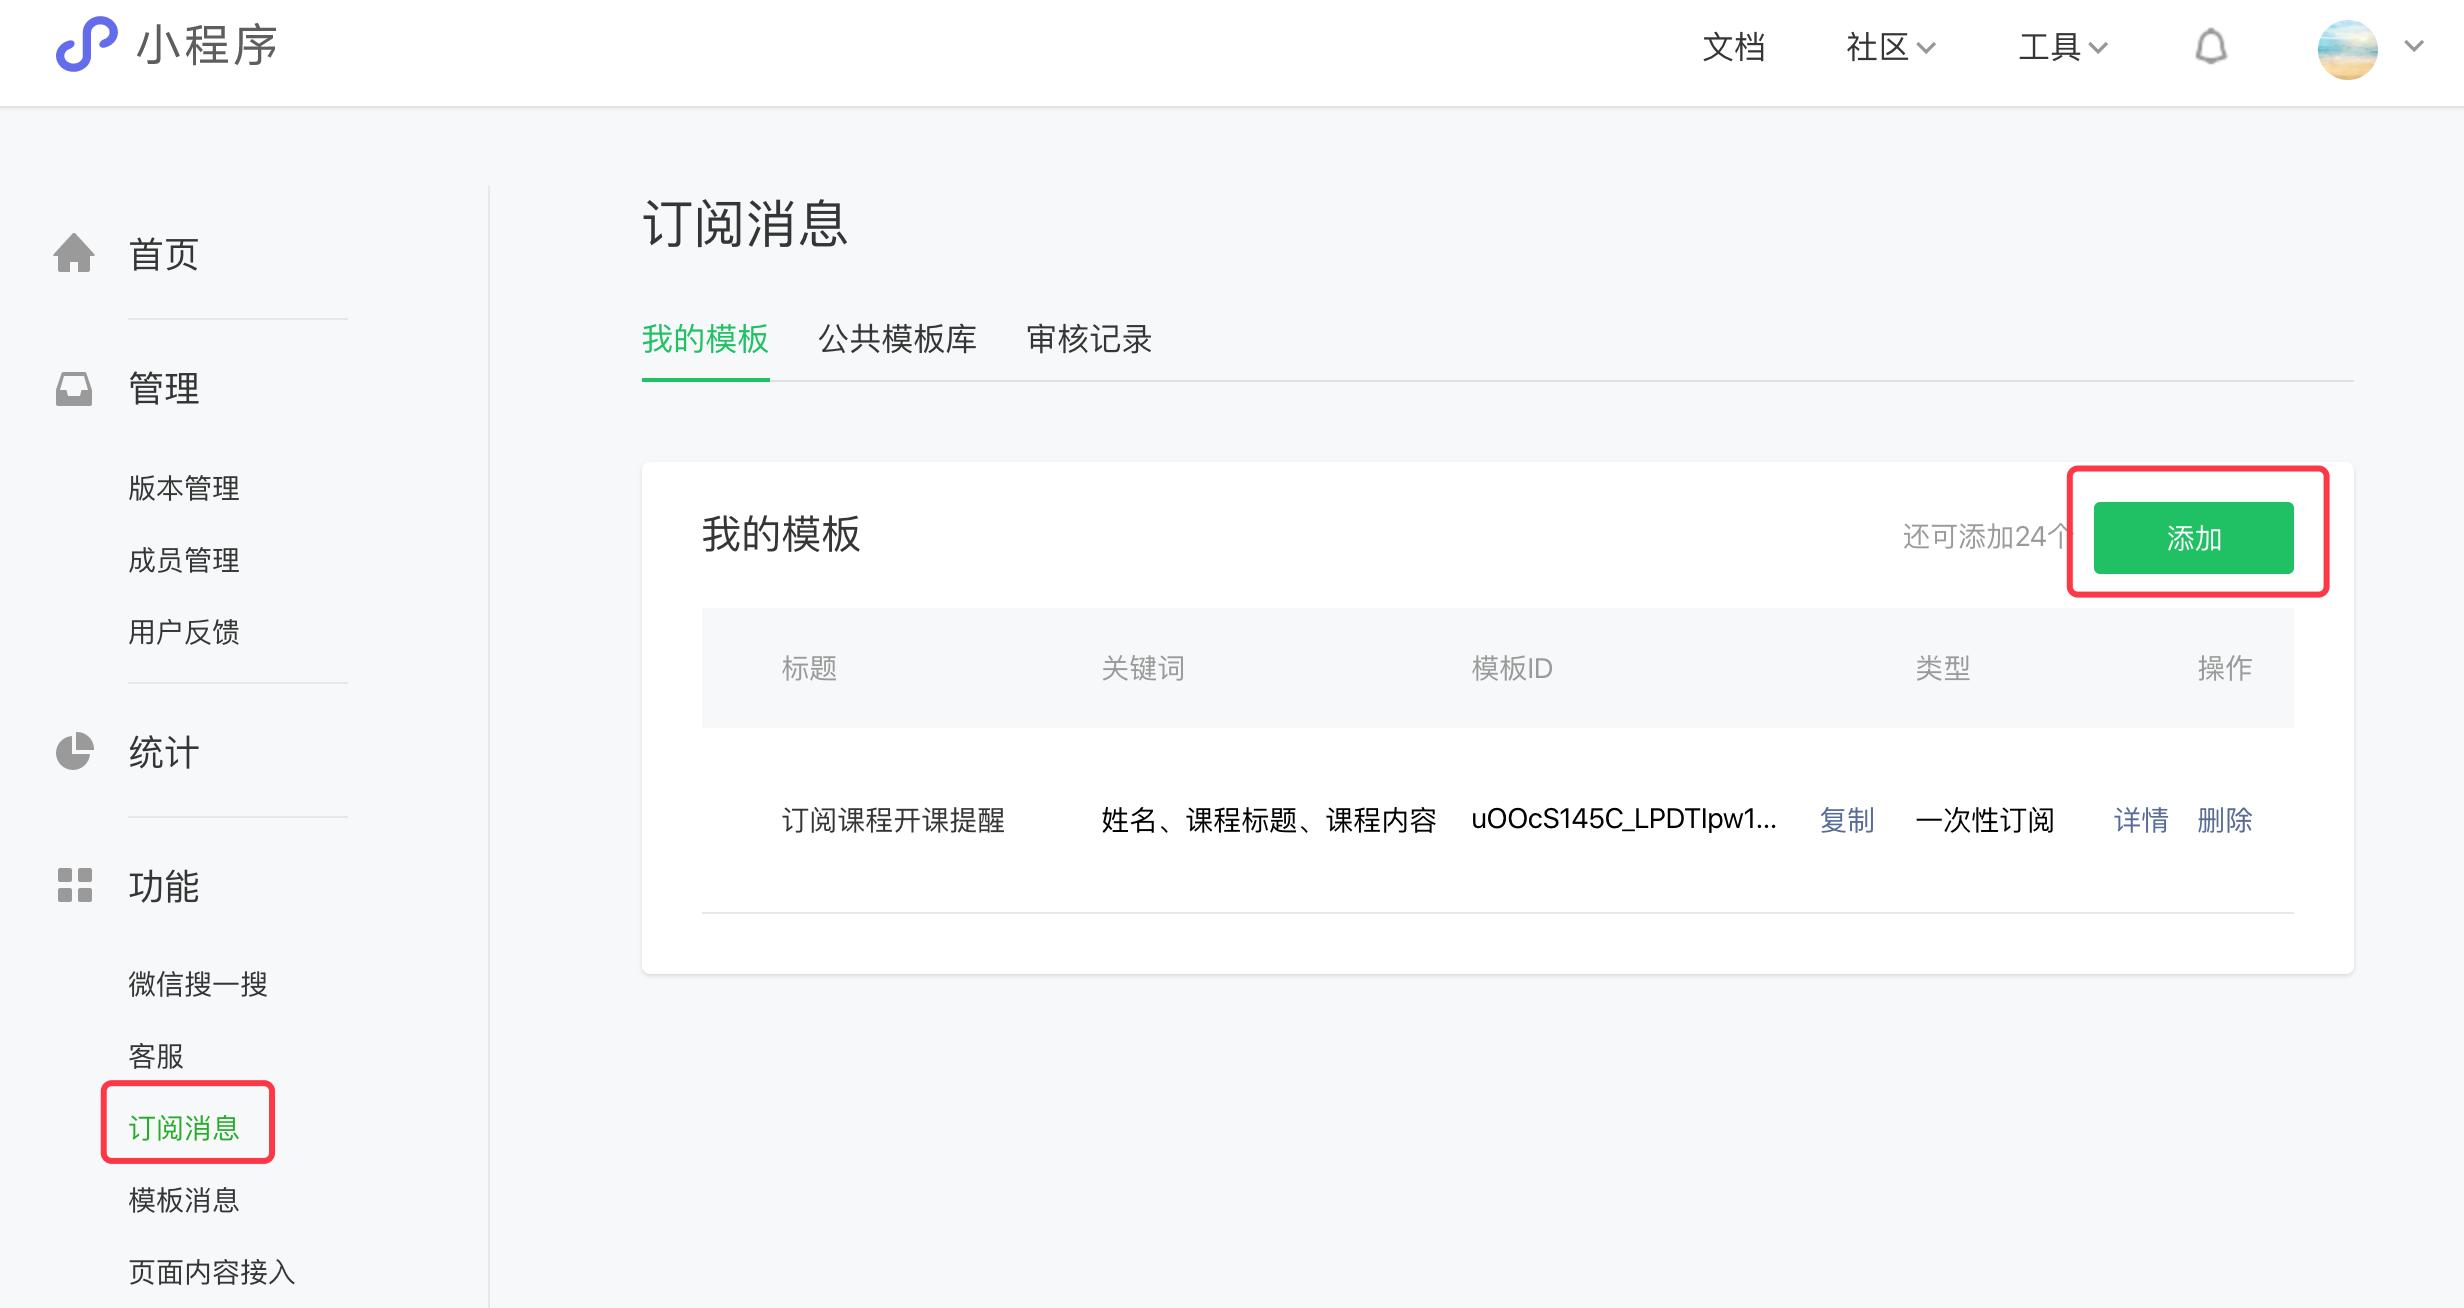 某企业网站h5 小程序 源码(网站源码小偷程序) (https://www.oilcn.net.cn/) 网站运营 第7张